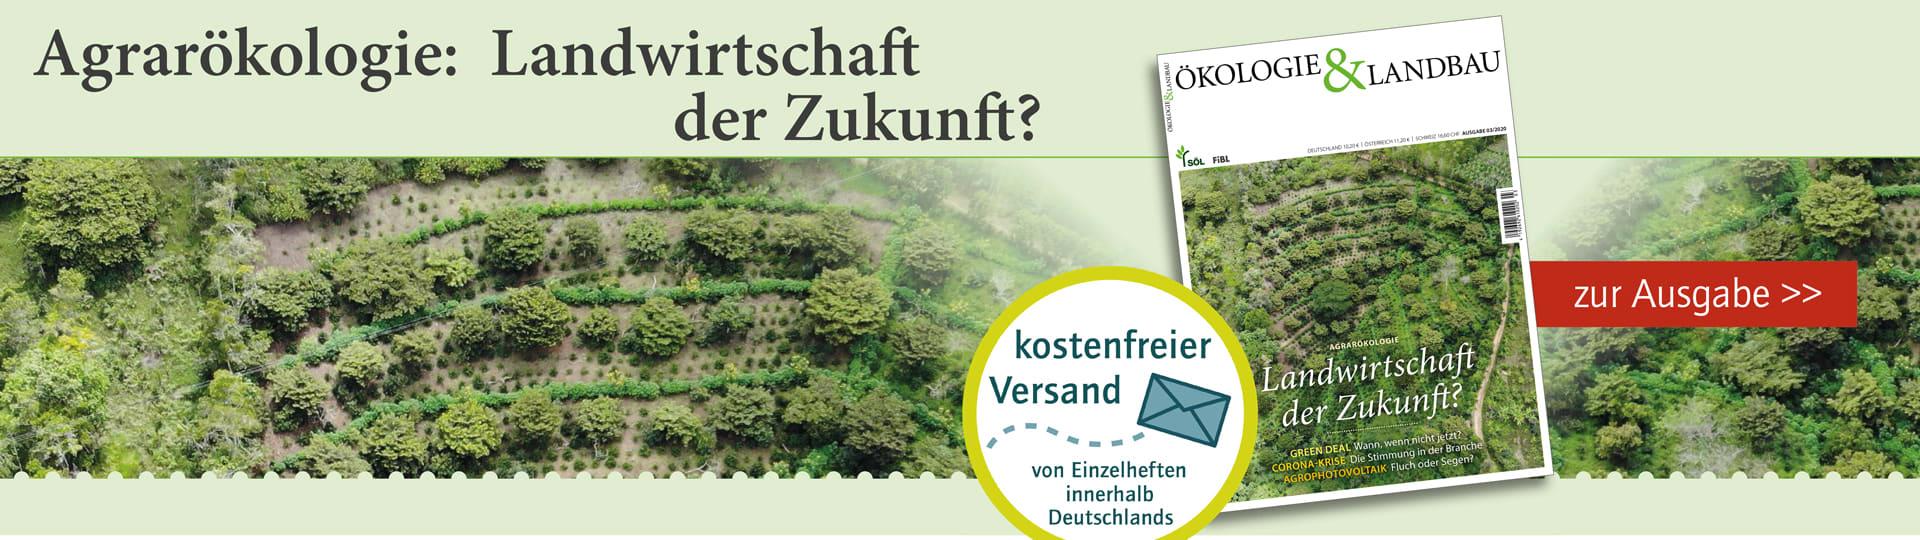 Moodbar zu der Ausgabe 3/2020 der Zeitschrift Ökologie & Landbau zum Thema Agrarökologie